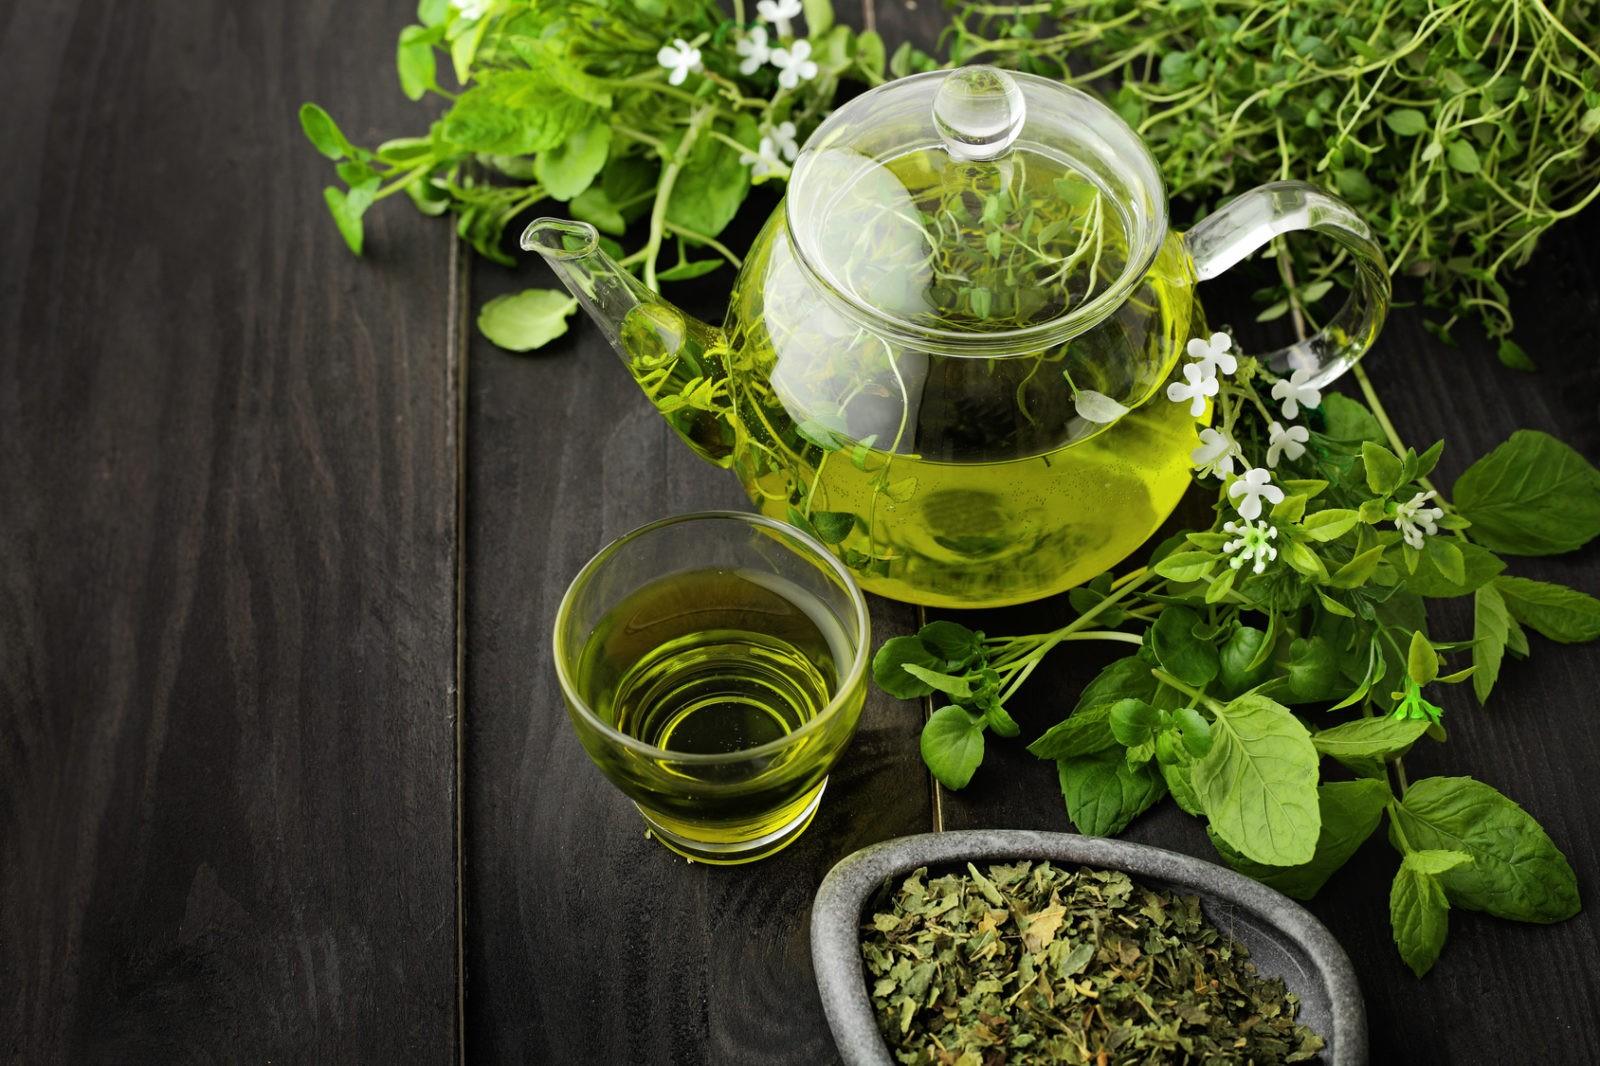 zelenyj chaj povyshaet ili ponizhaet davlenie 7 - Топ-10 продуктов для продления жизни